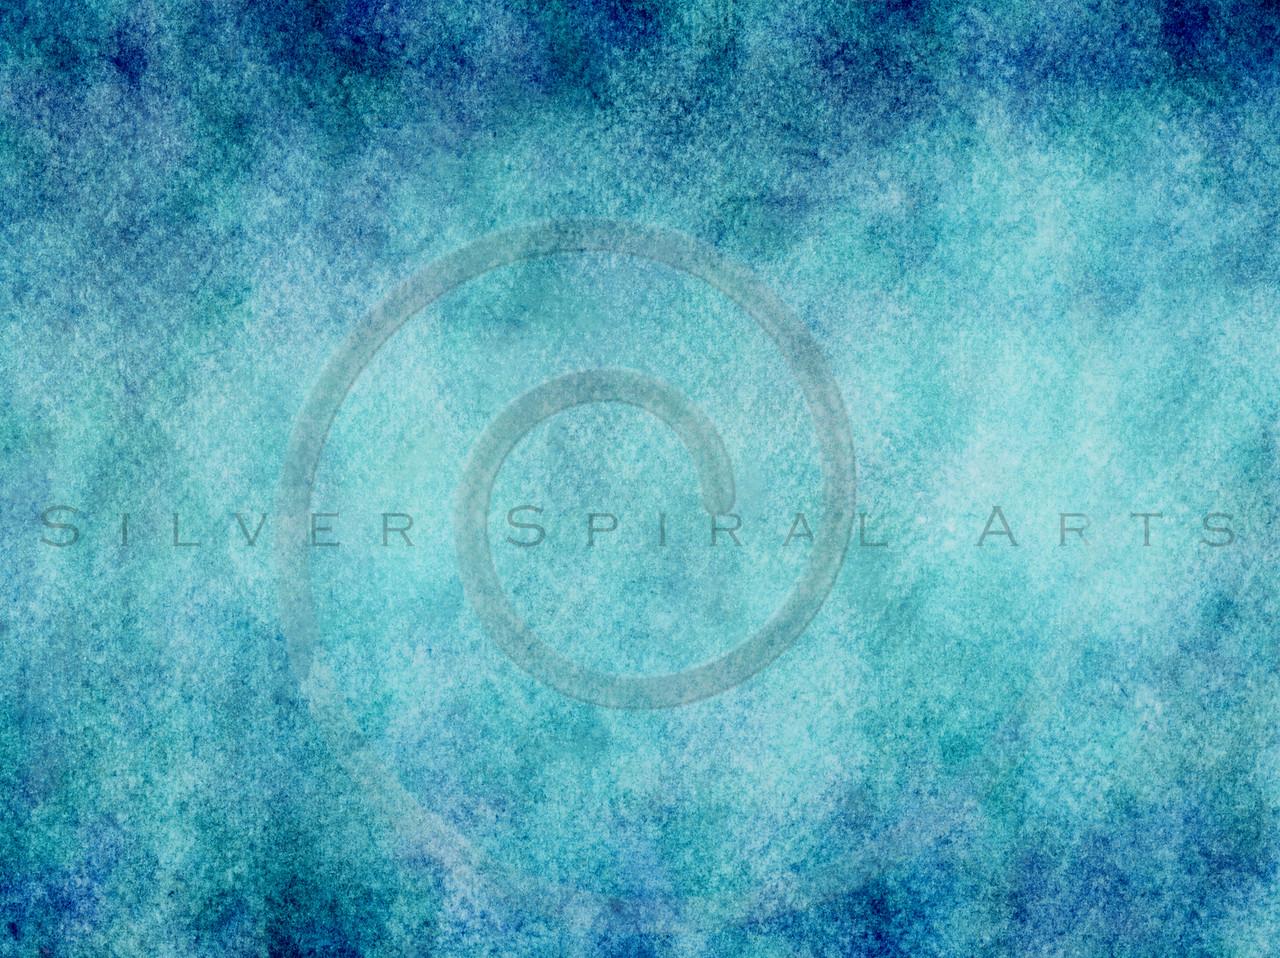 Teal Aqua Blue Watercolor Paper Texture Background